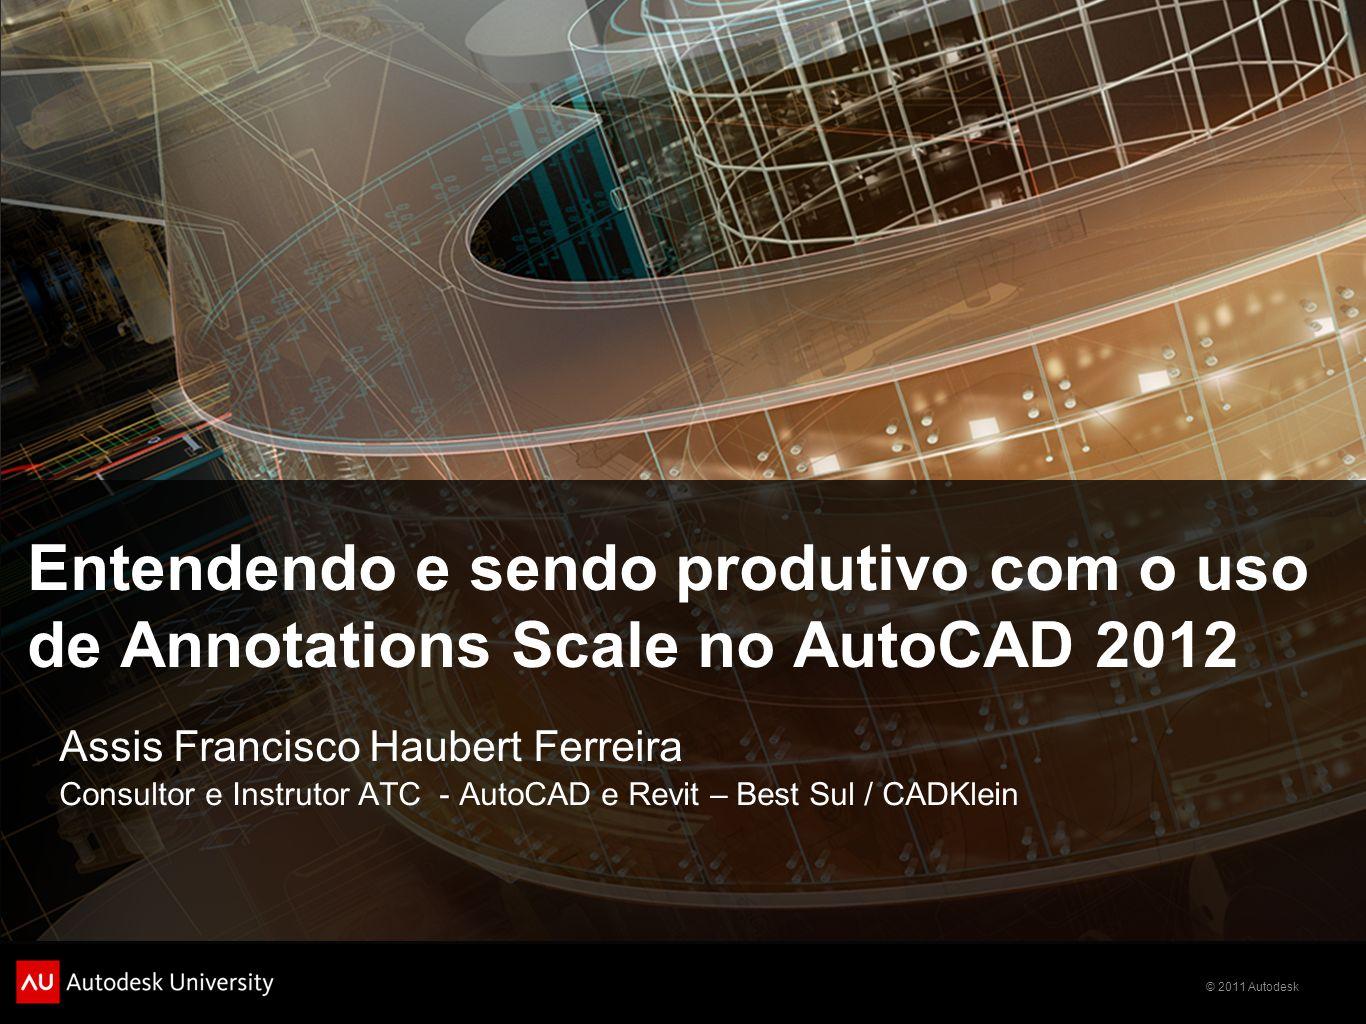 © 2011 Autodesk Entendendo e sendo produtivo com o uso de Annotations Scale no AutoCAD 2012 Assis Francisco Haubert Ferreira Consultor e Instrutor ATC